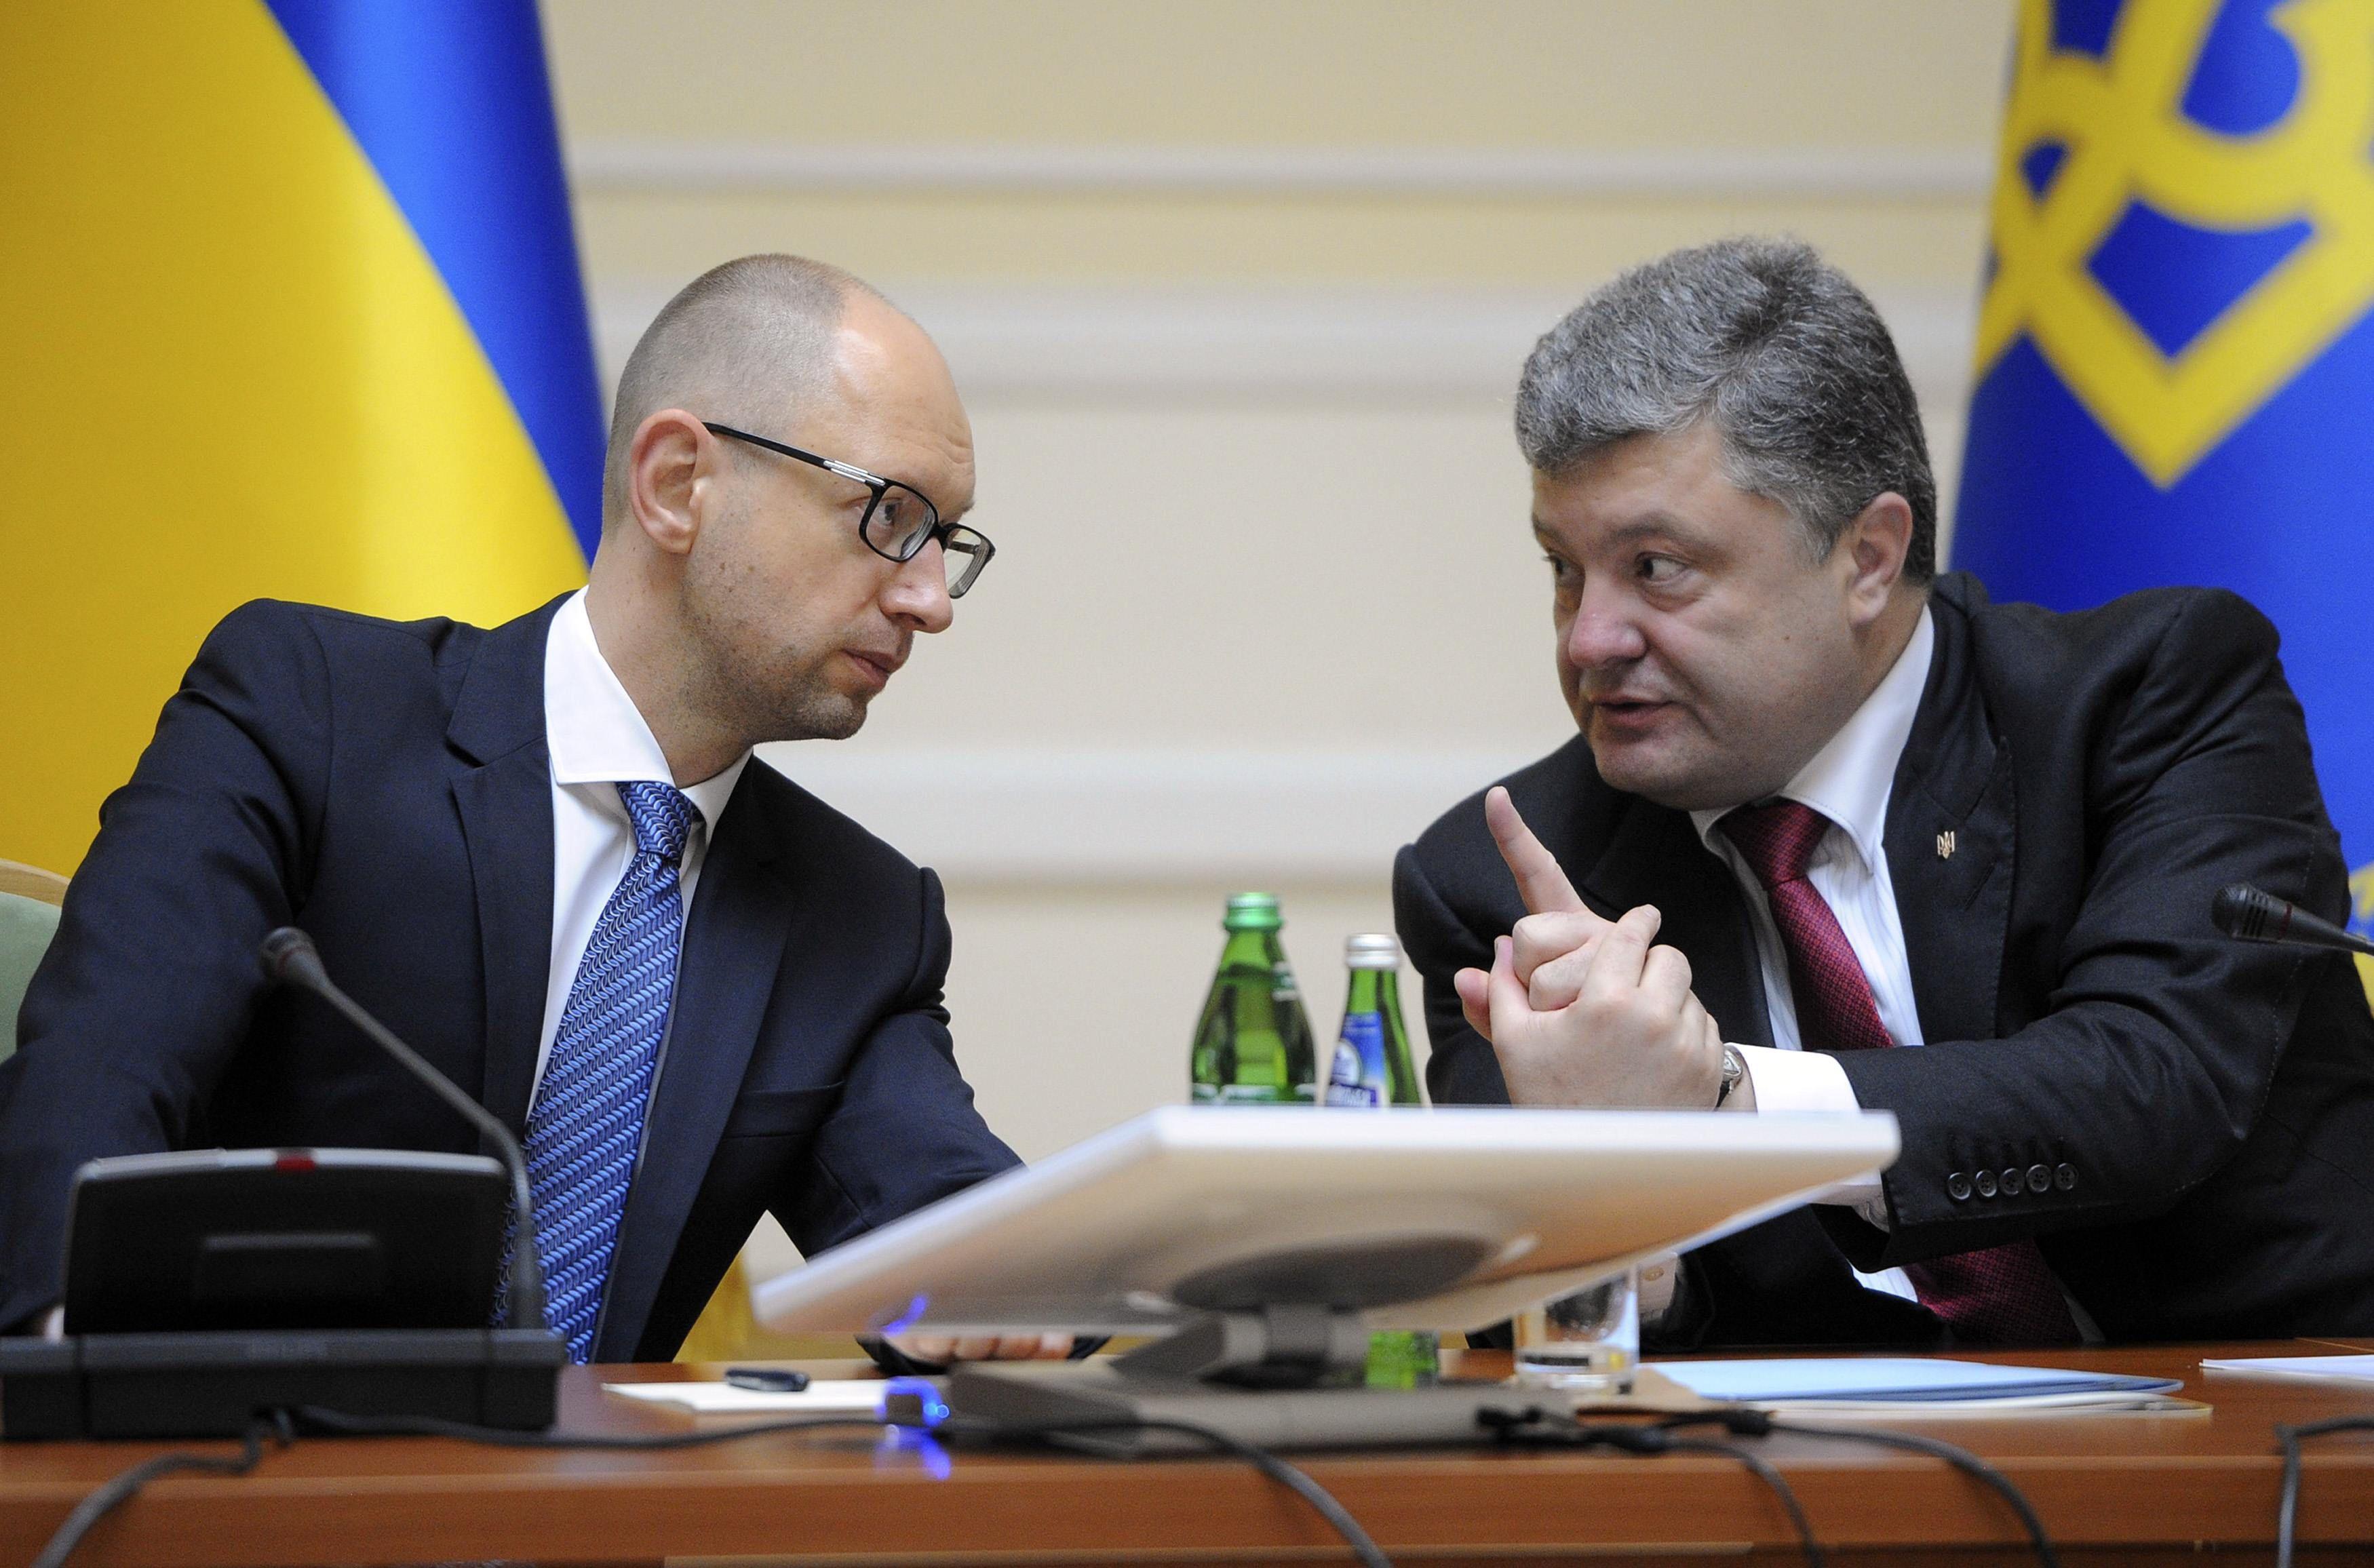 Стало известно, что Порошенко и Яценюк пообещали МВФ в обмен на кредит